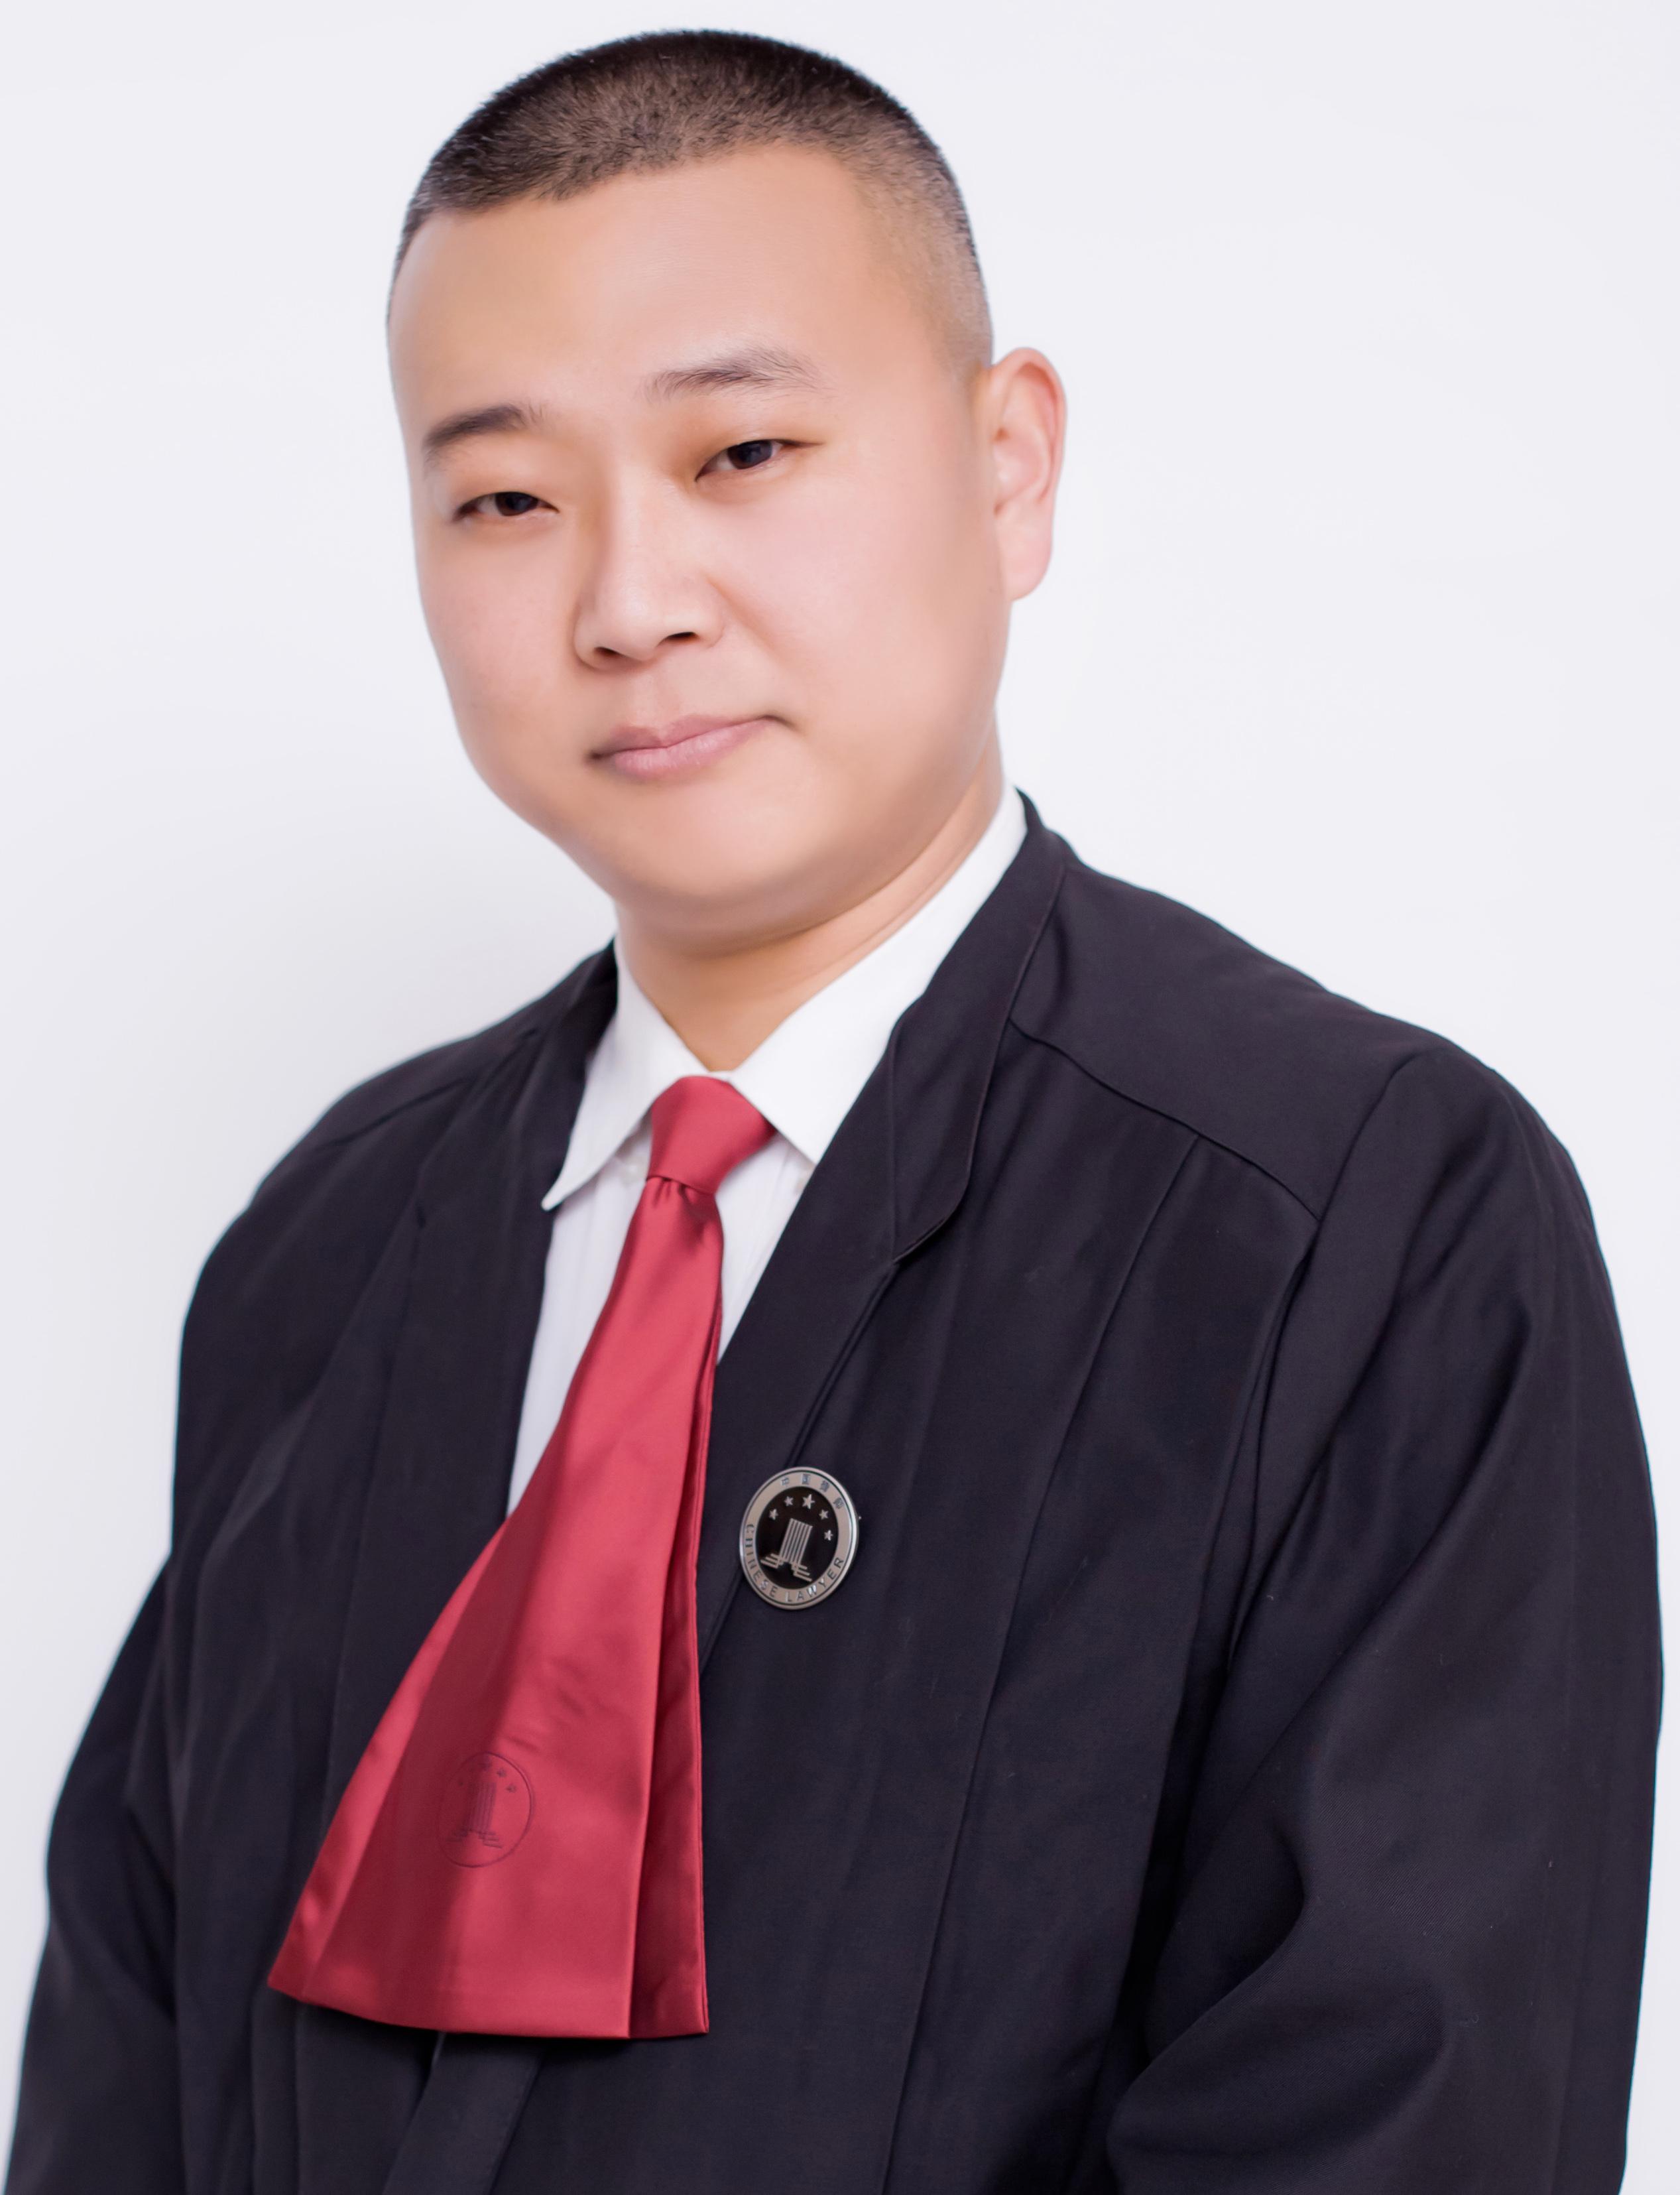 河北段长烁律师事务所-唐山律师咨询网